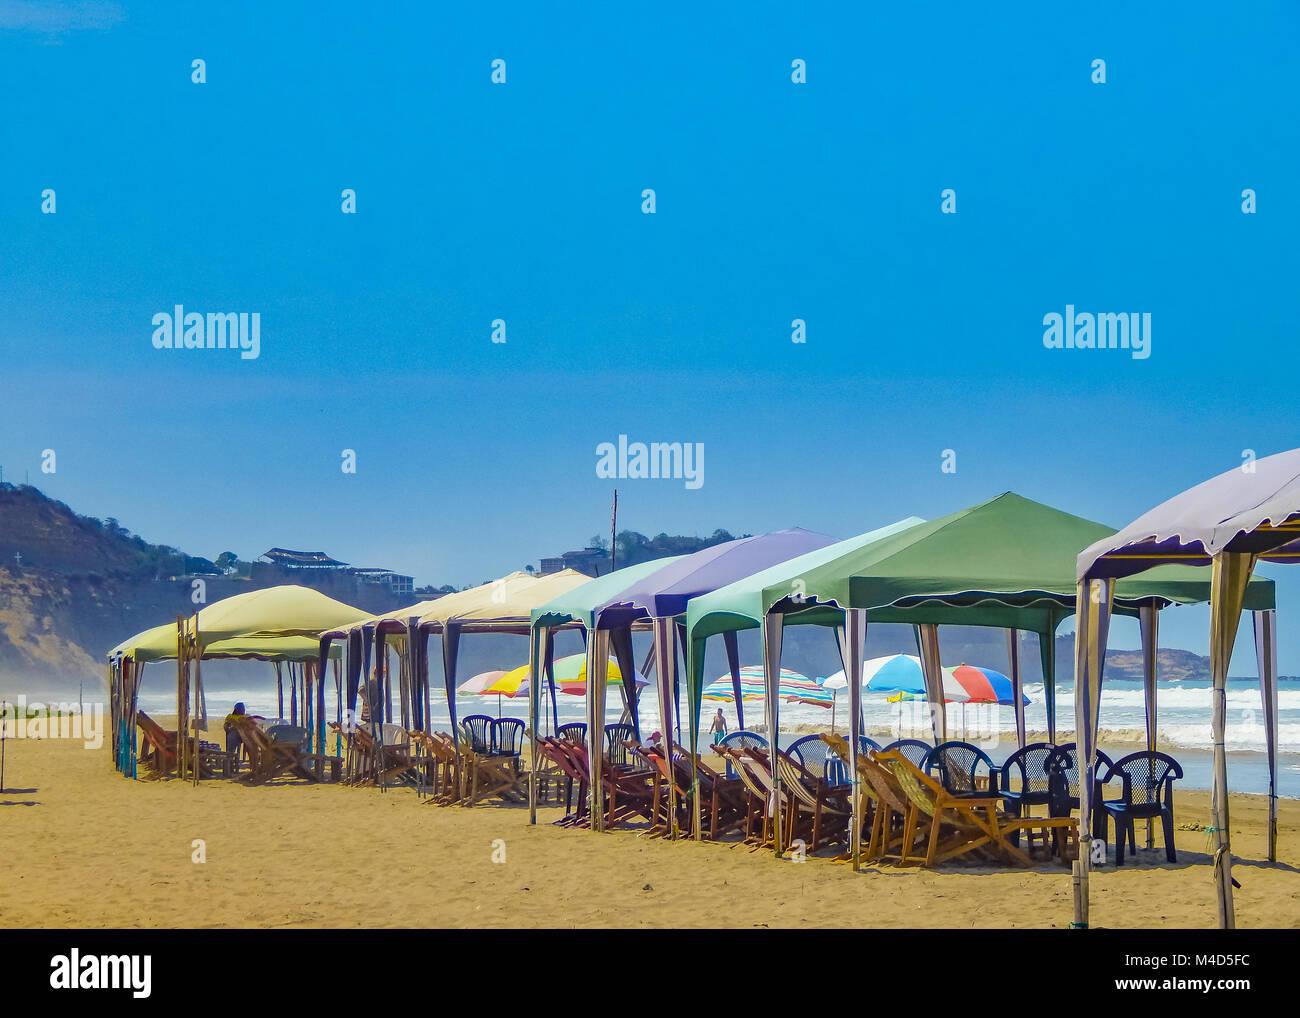 Tiendas de campaña en la playa Oléron Ecuador Imagen De Stock